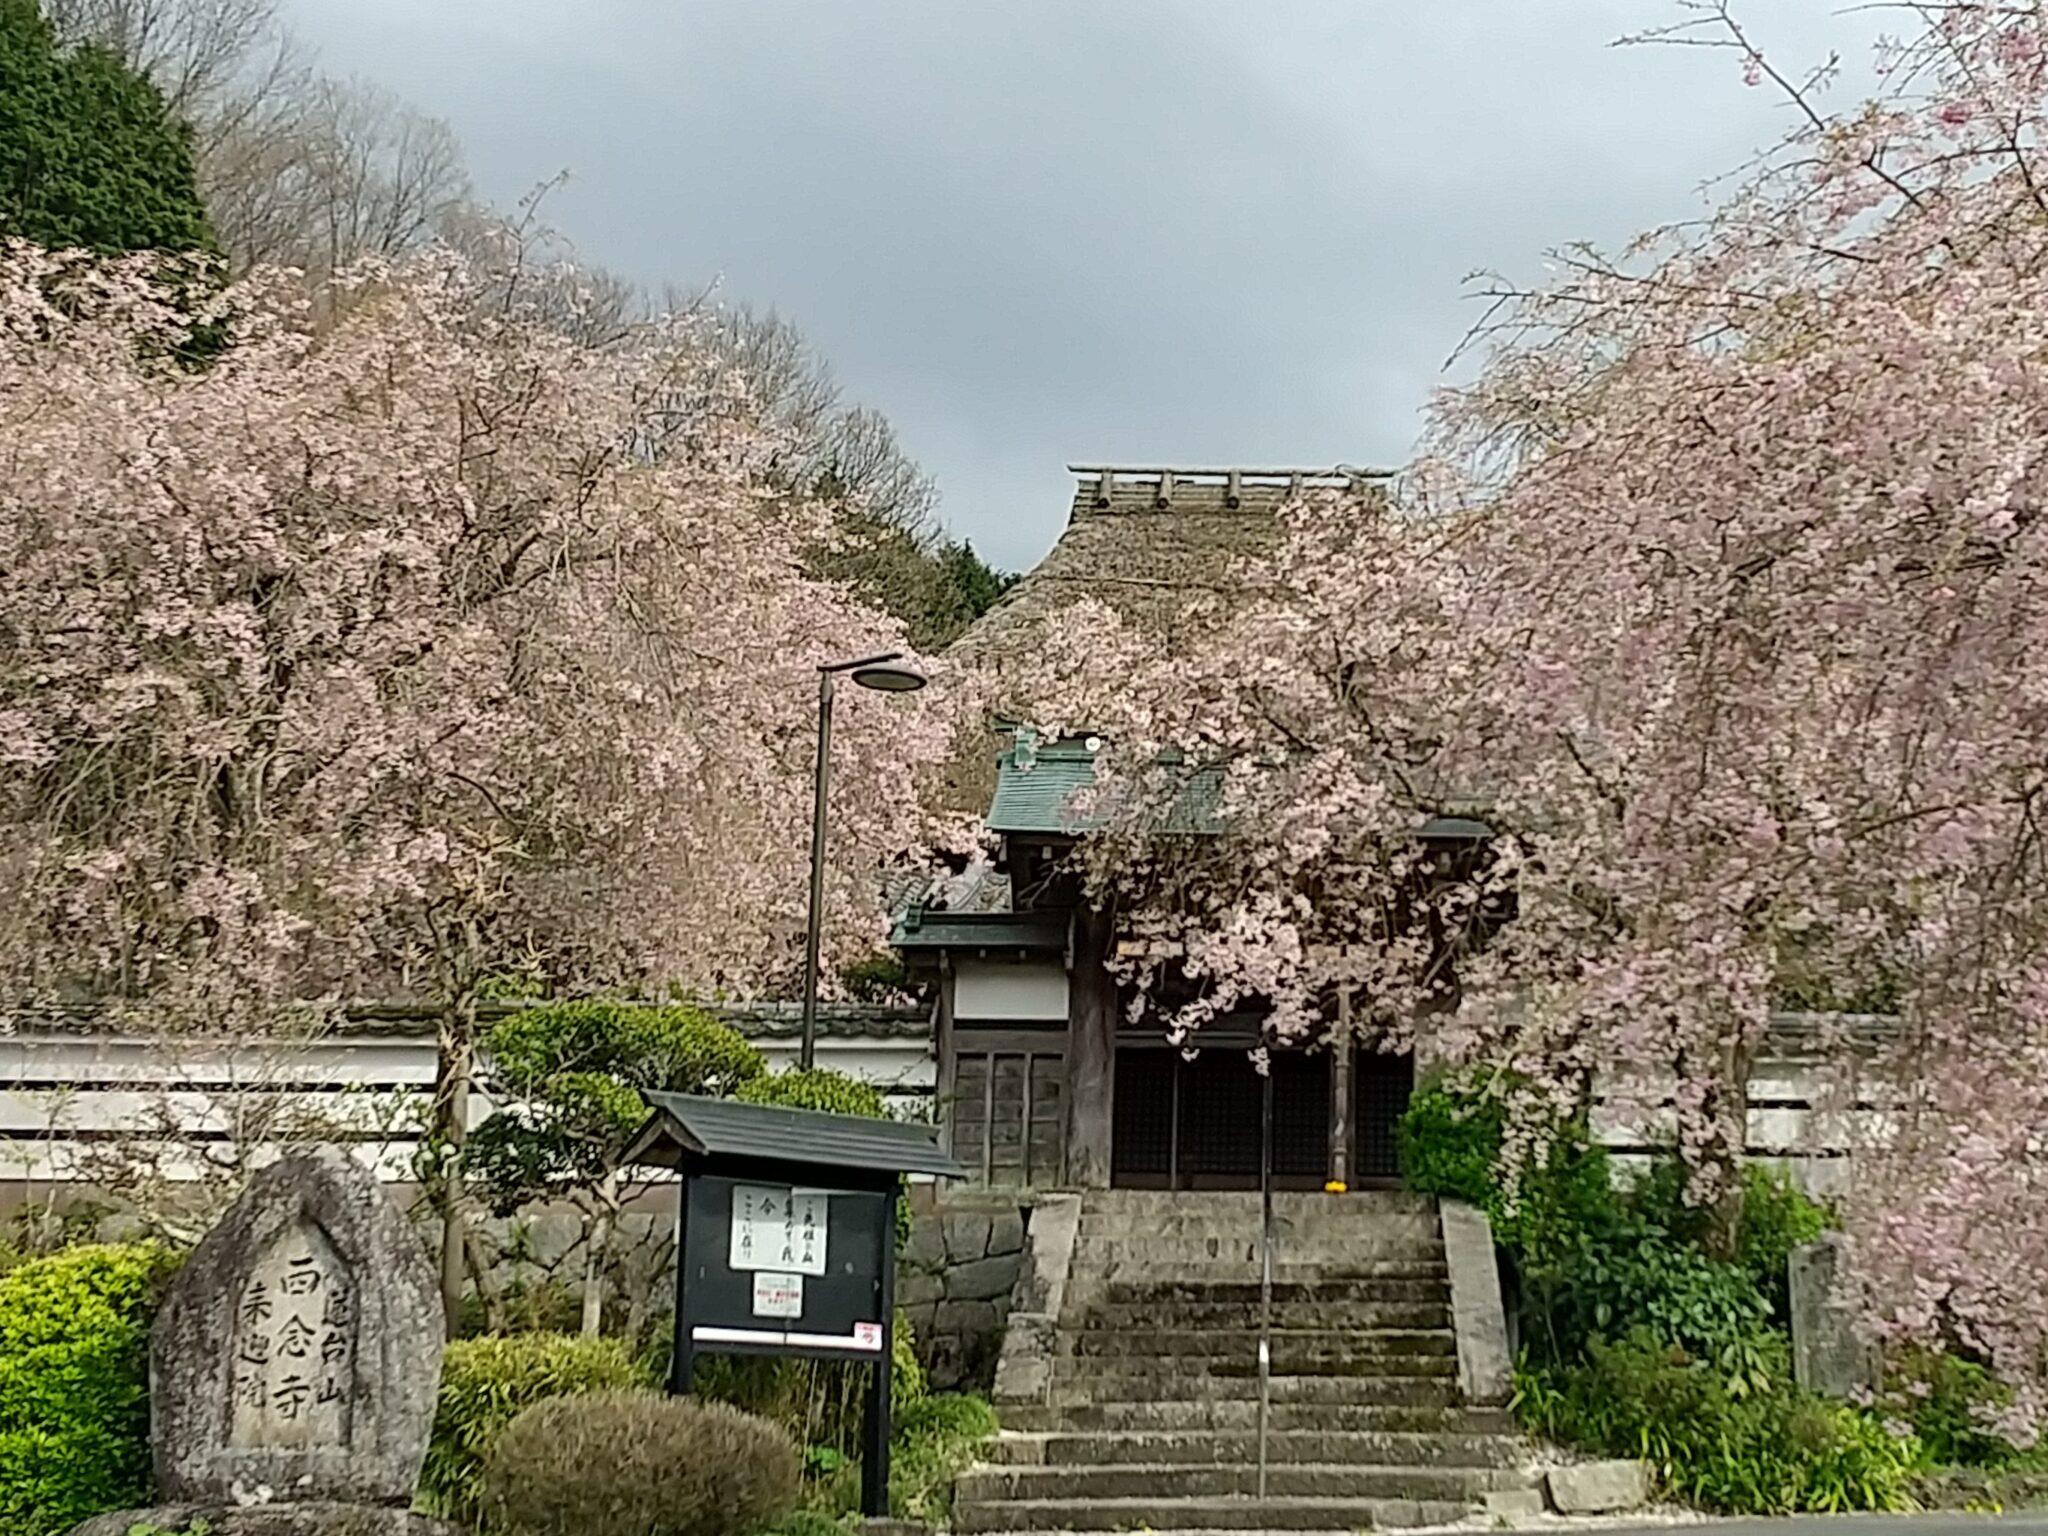 天理 西念寺 枝垂れ桜